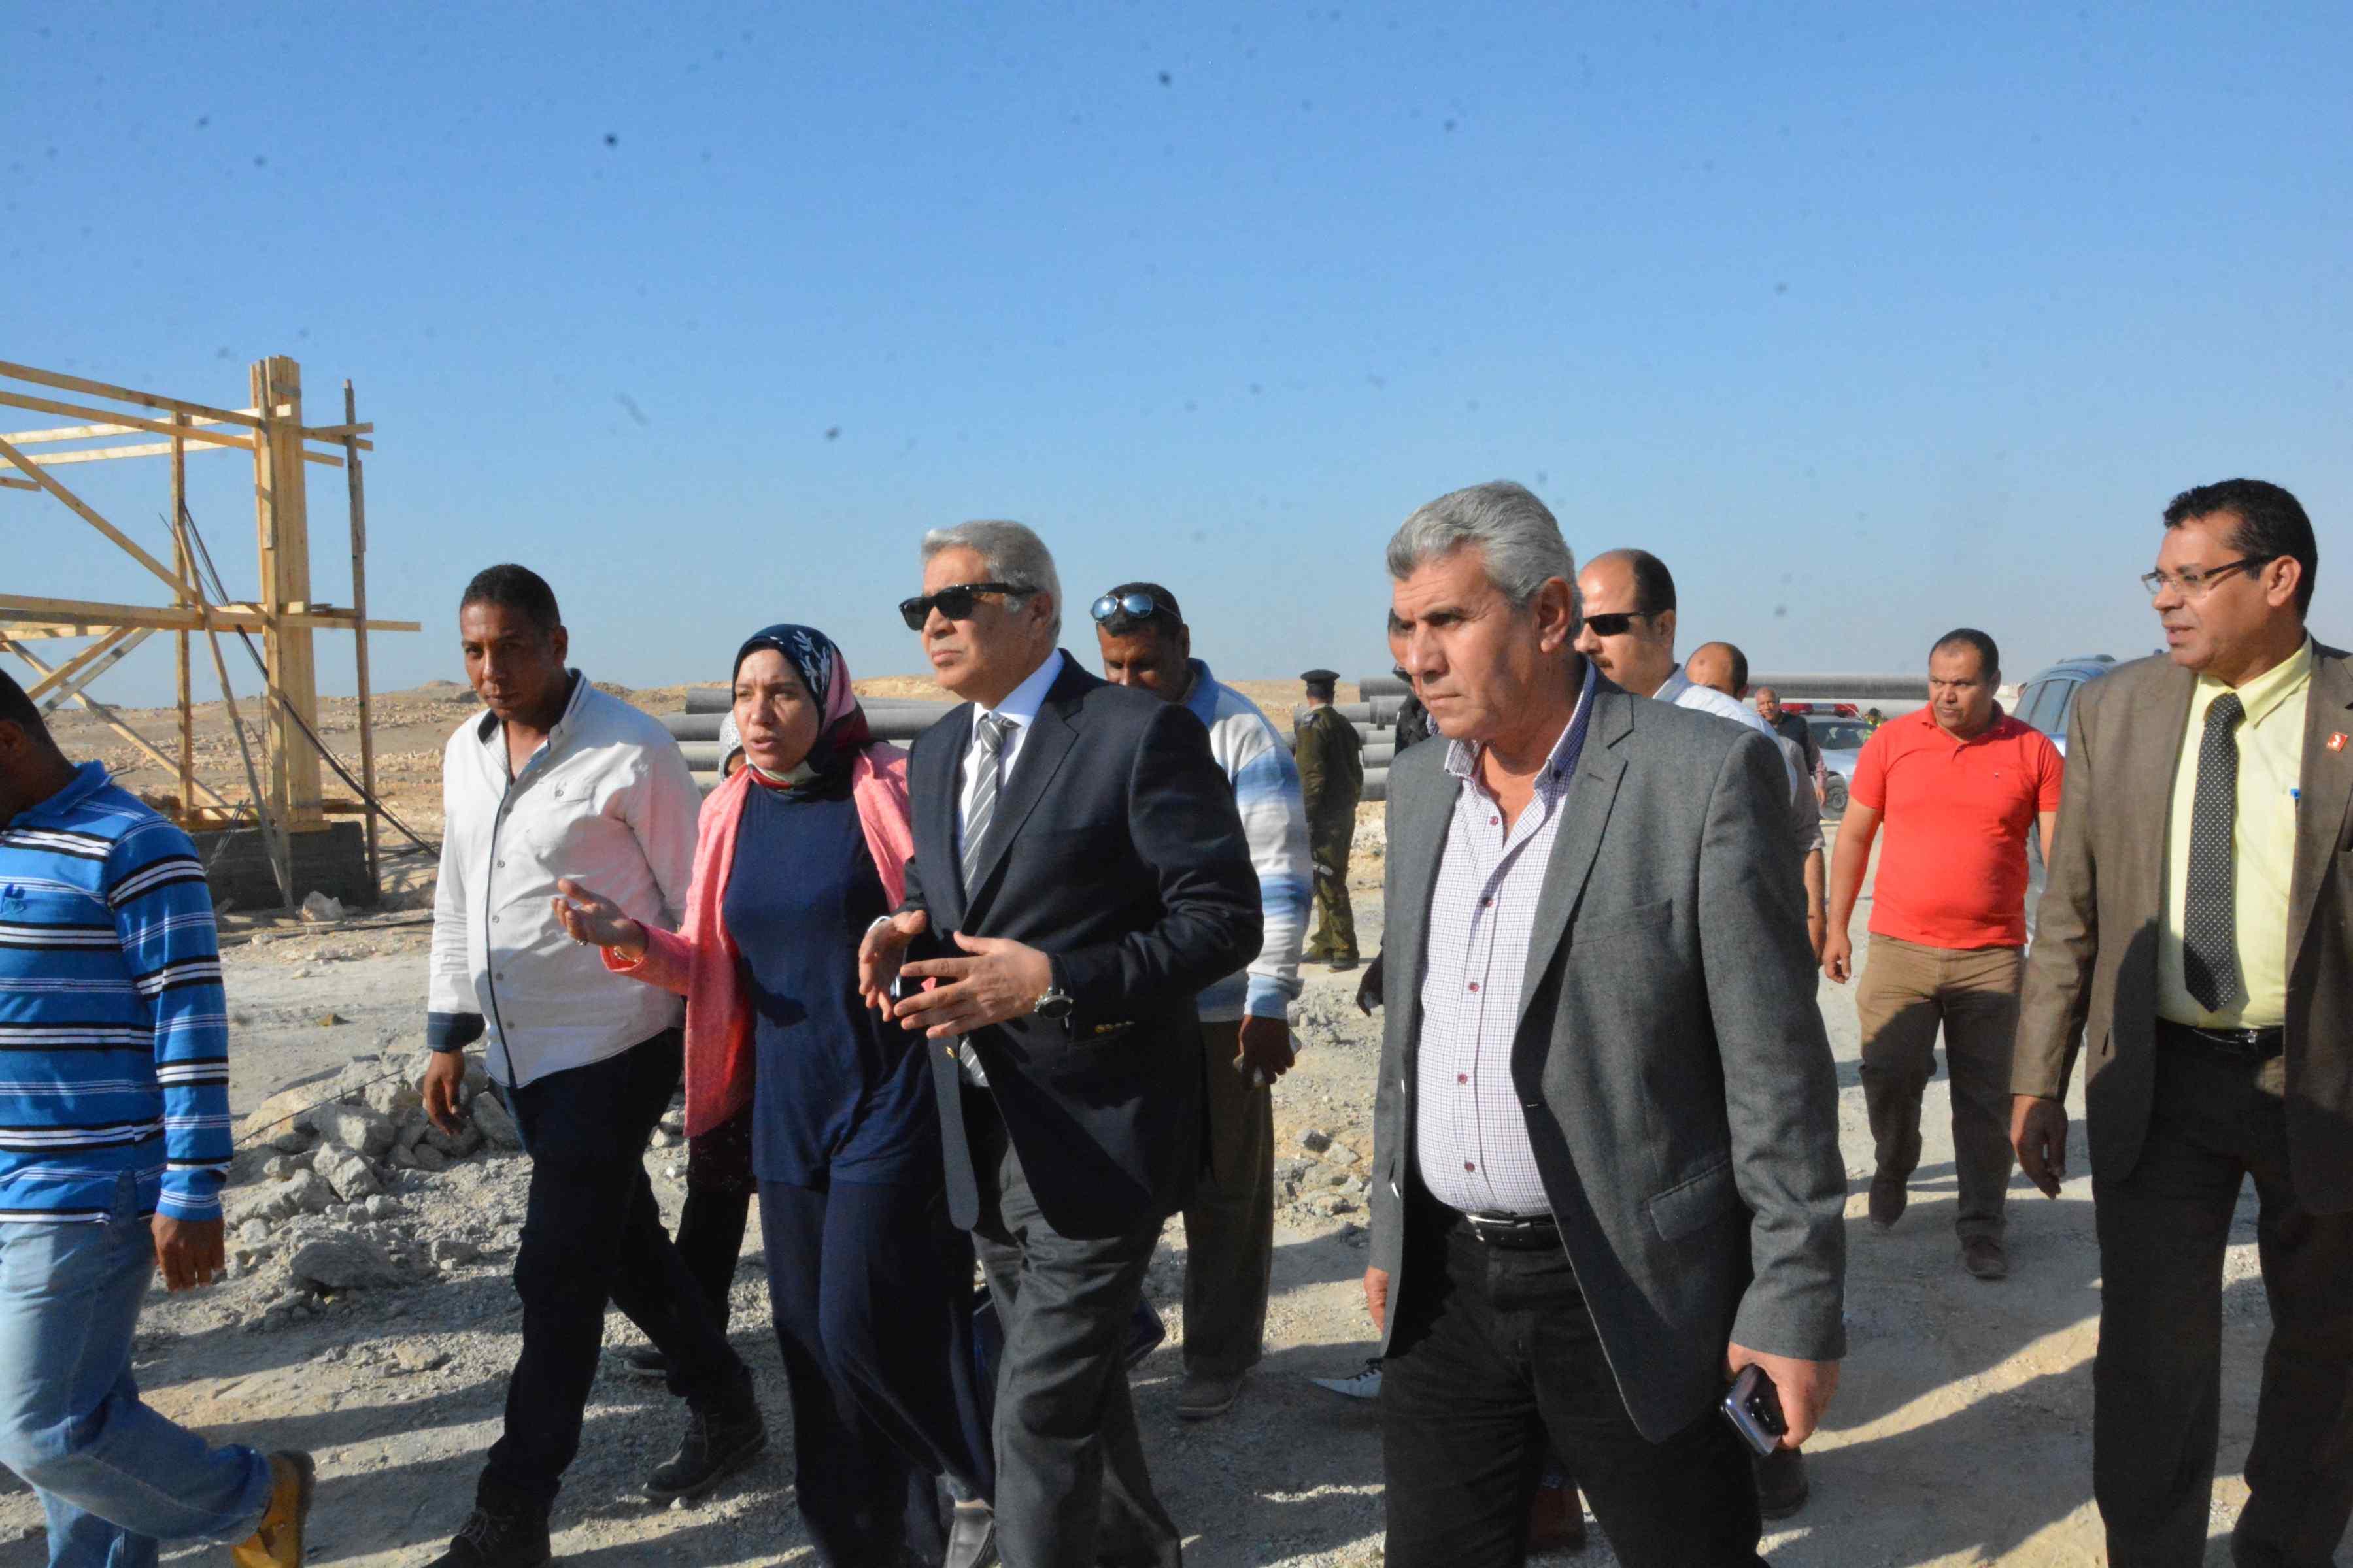 محافظ المنيا يتفقد أعمال مشروع الصرف الصحى بقرية دير جبل الطير (5)